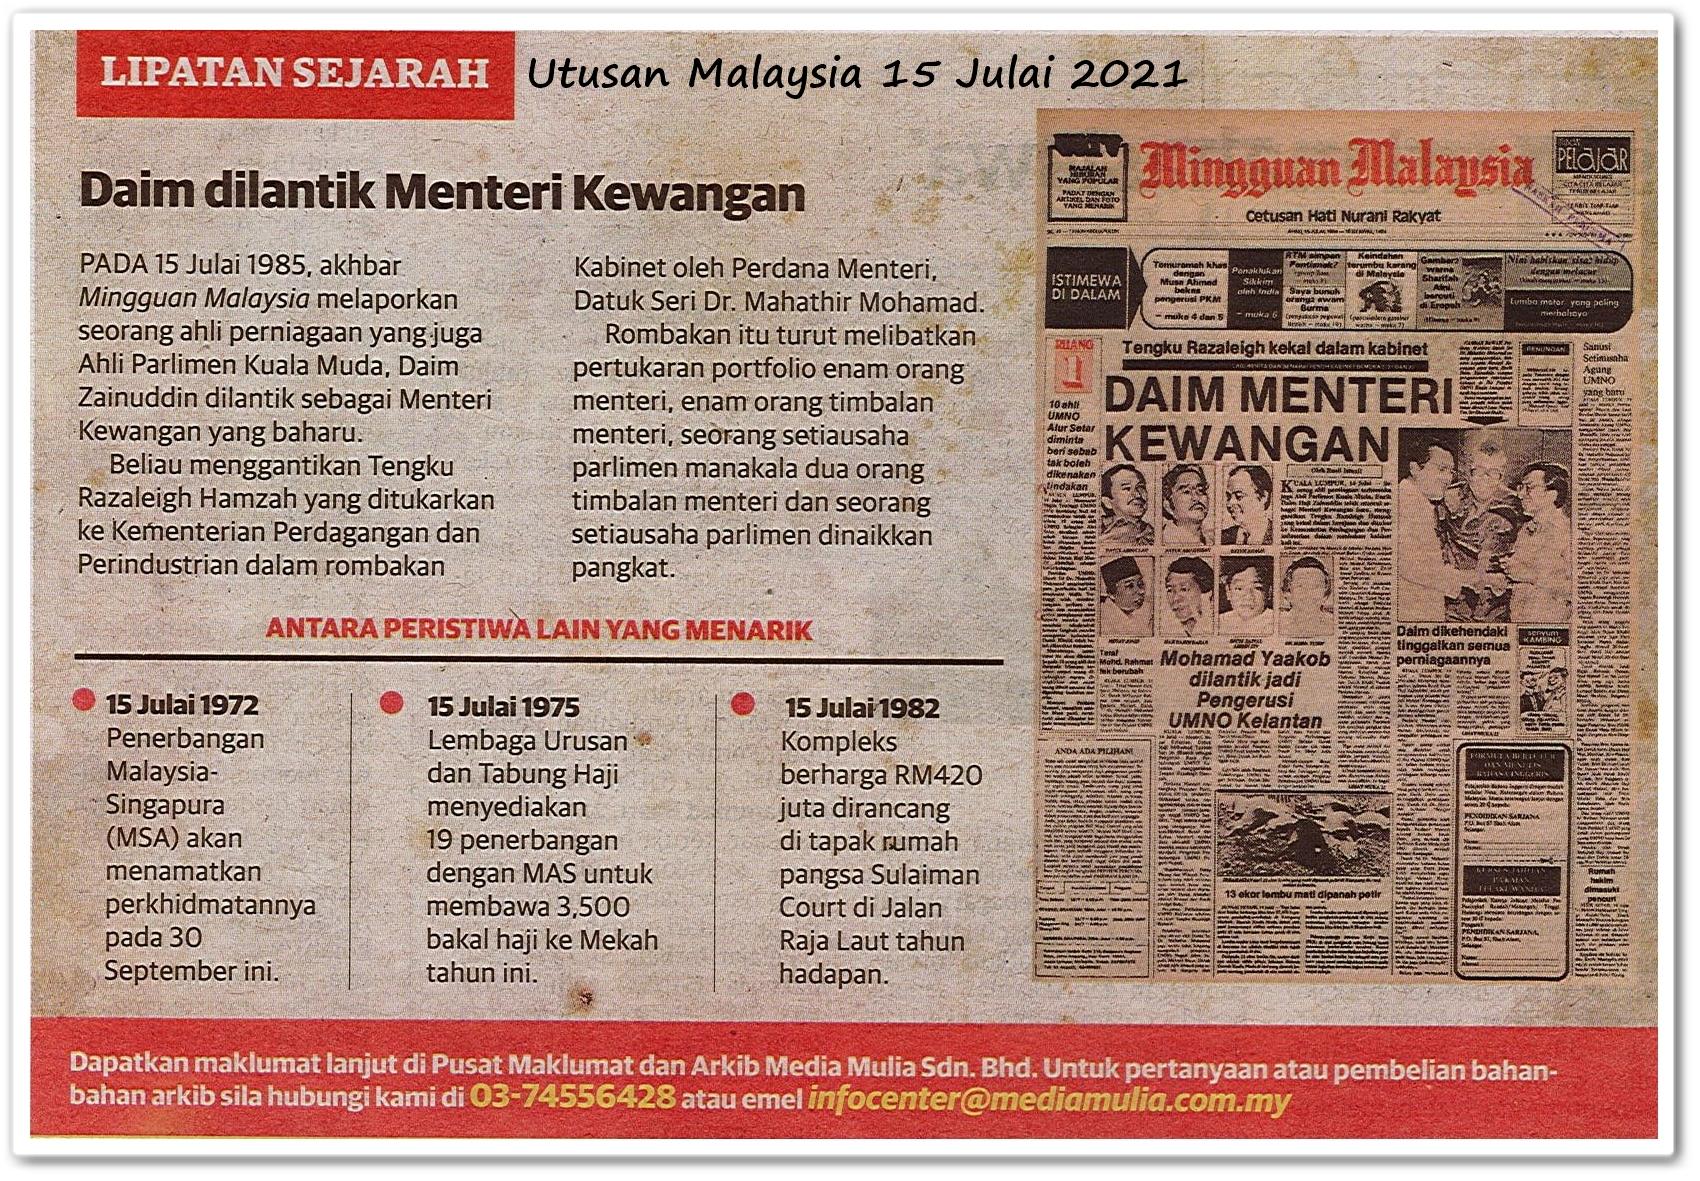 Lipatan sejarah 15 Julai - Keratan akhbar Utusan Malaysia 15 Julai 2021